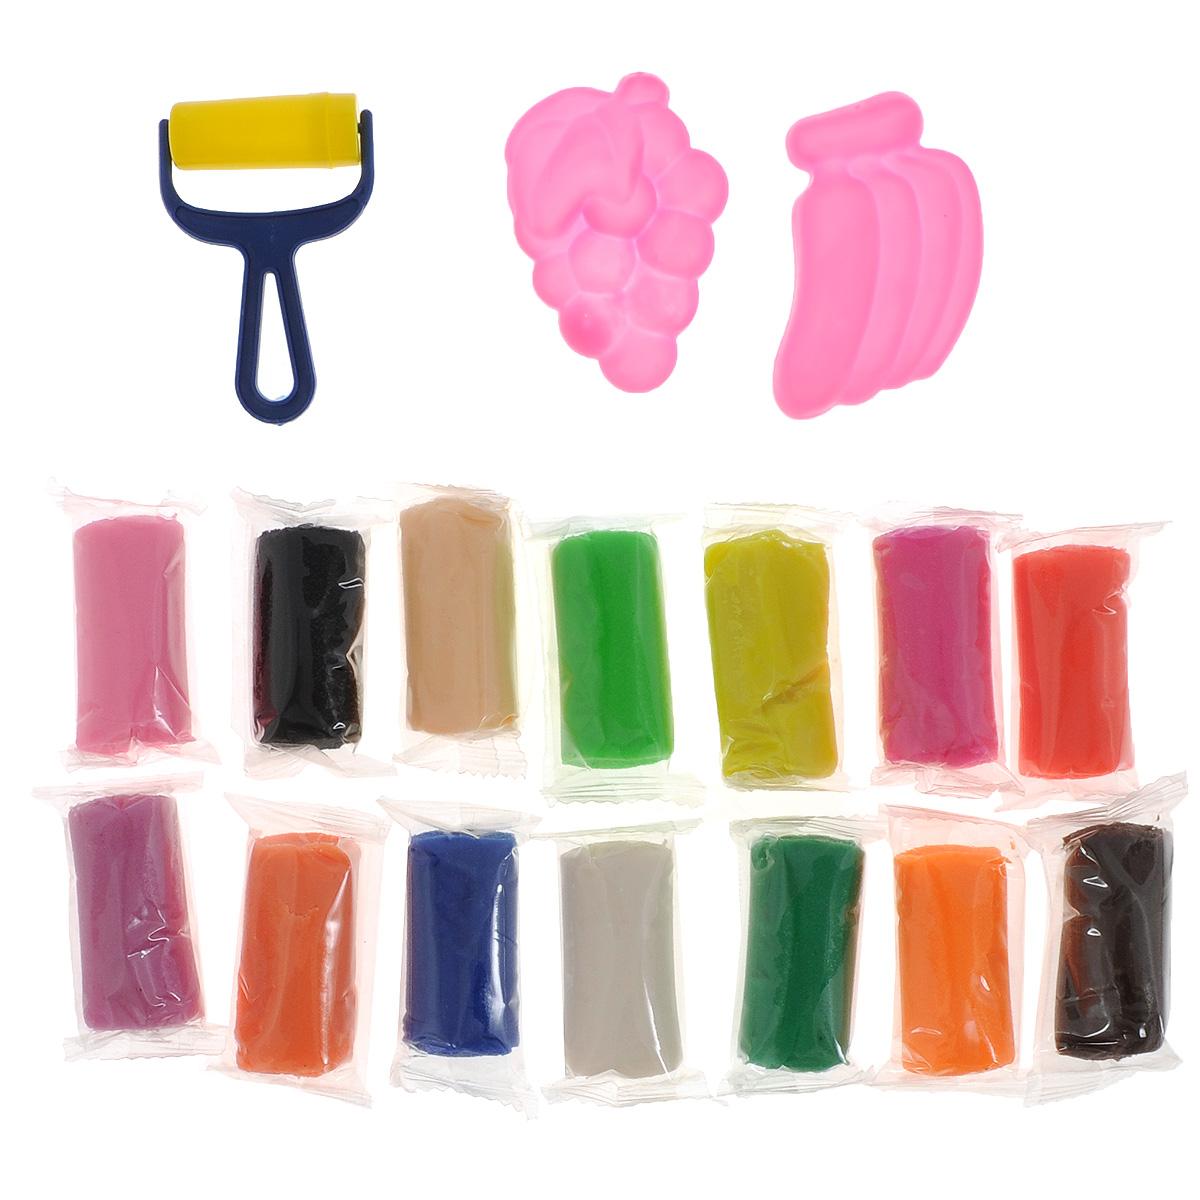 Набор для лепки Centrum Фикси-тесто, цвет сундучка: розовый, 17 предметов84906_розовая крышкаНабор для лепки Centrum Фикси-тесто приведет в восторг вашего малыша. Тесто обладает удивительной пластичностью, не пачкается и не липнет к рукам и рабочей поверхности, имеет приятный запах, очень податливо и принимает любые формы, а также полностью застывает на открытом воздухе в течение суток. Набор включает 14 насыщенных цветов: розовый, синий, сиреневый, красный, белый, зеленый, темно-оранжевый, желтый, черный, коричневый, салатовый, малиновый, бежевый, светло-оранжевый). Цвета отлично смешиваются между собой, образуя новые оттенки. Тесто для лепки каждого цвета хранится в отдельном пакетике. Также в набор входит пластиковый ролик для раскатывания и 2 формочки. Набор упакован в удобный пластиковый сундучок с ручкой для переноски. Лепка из теста Centrum Фикси-тесто поможет малышу развить мелкую моторику рук, творческое мышление, фантазию и воображение, а также способствует самовыражению.